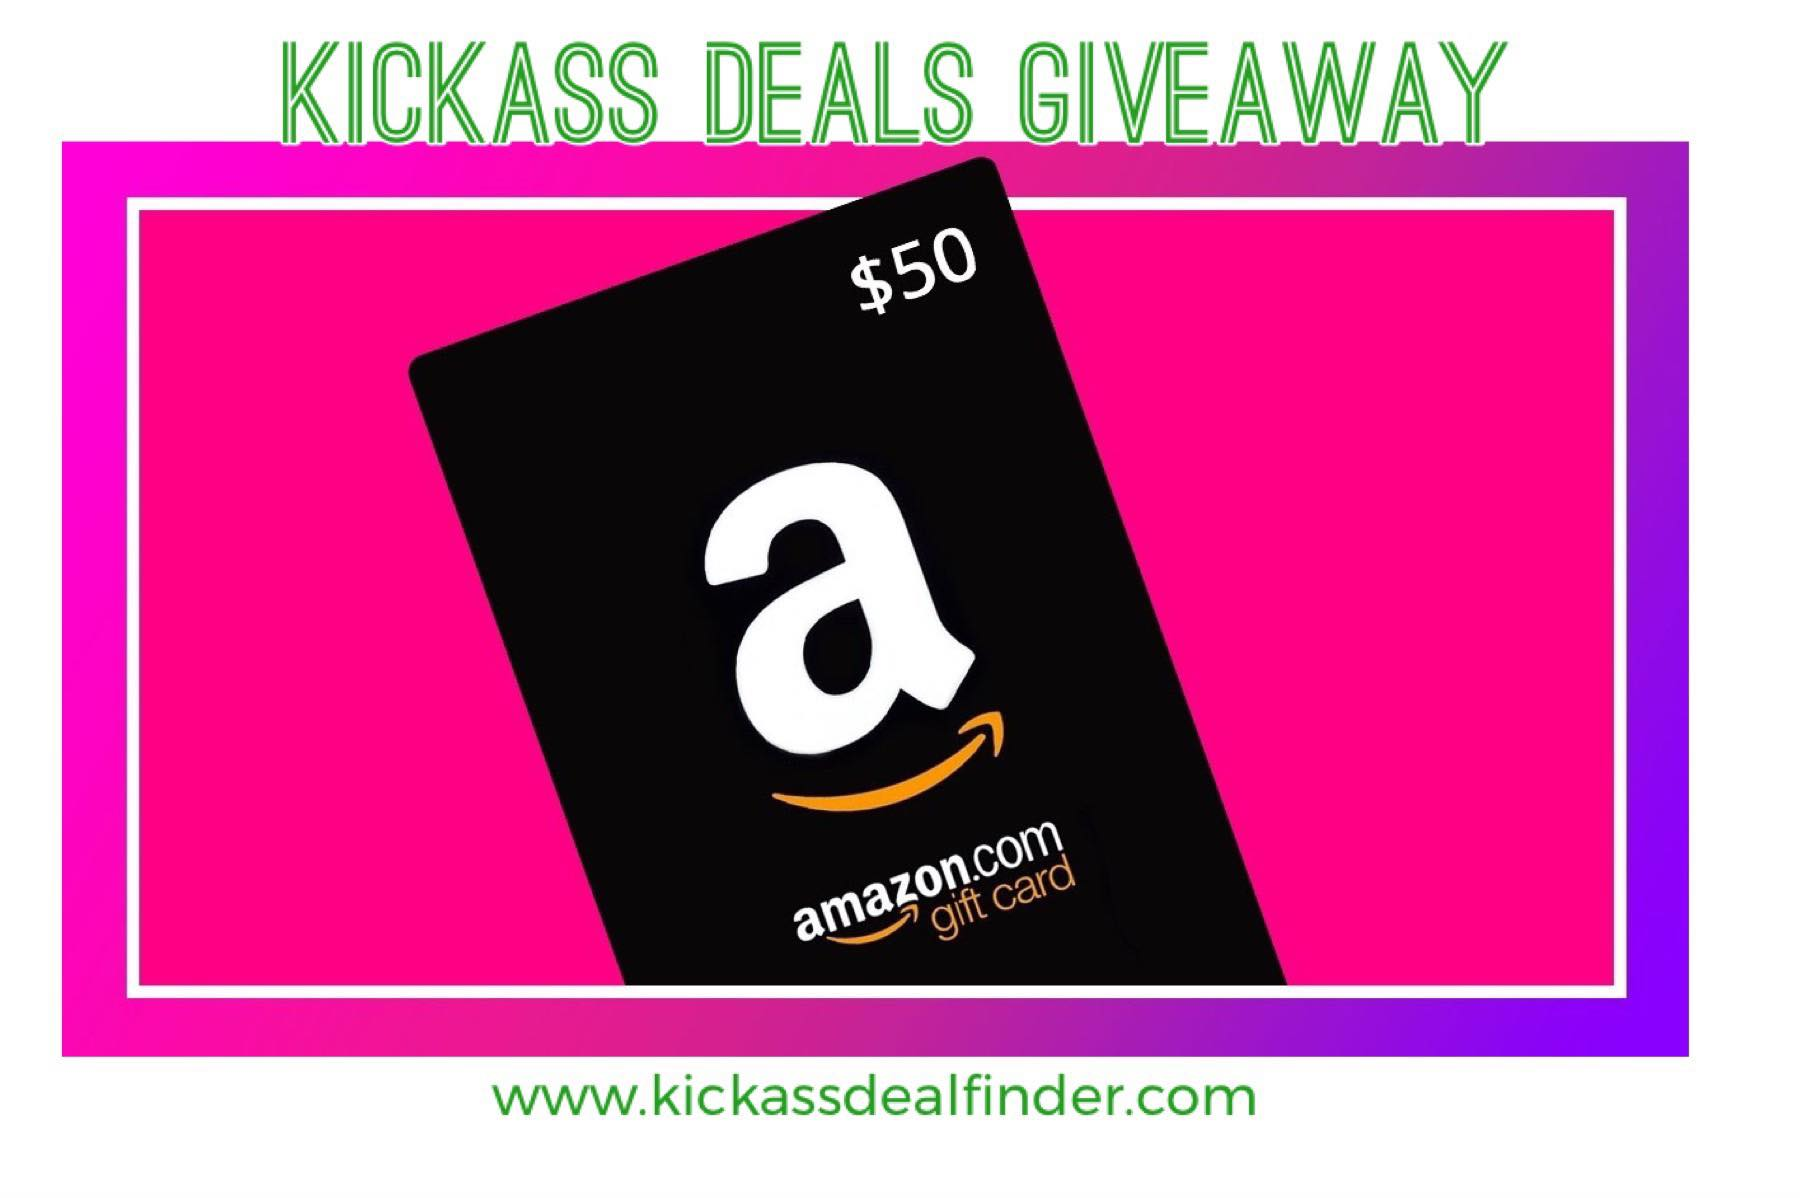 Cash $50 Amazon Giftcard Giveaway Image